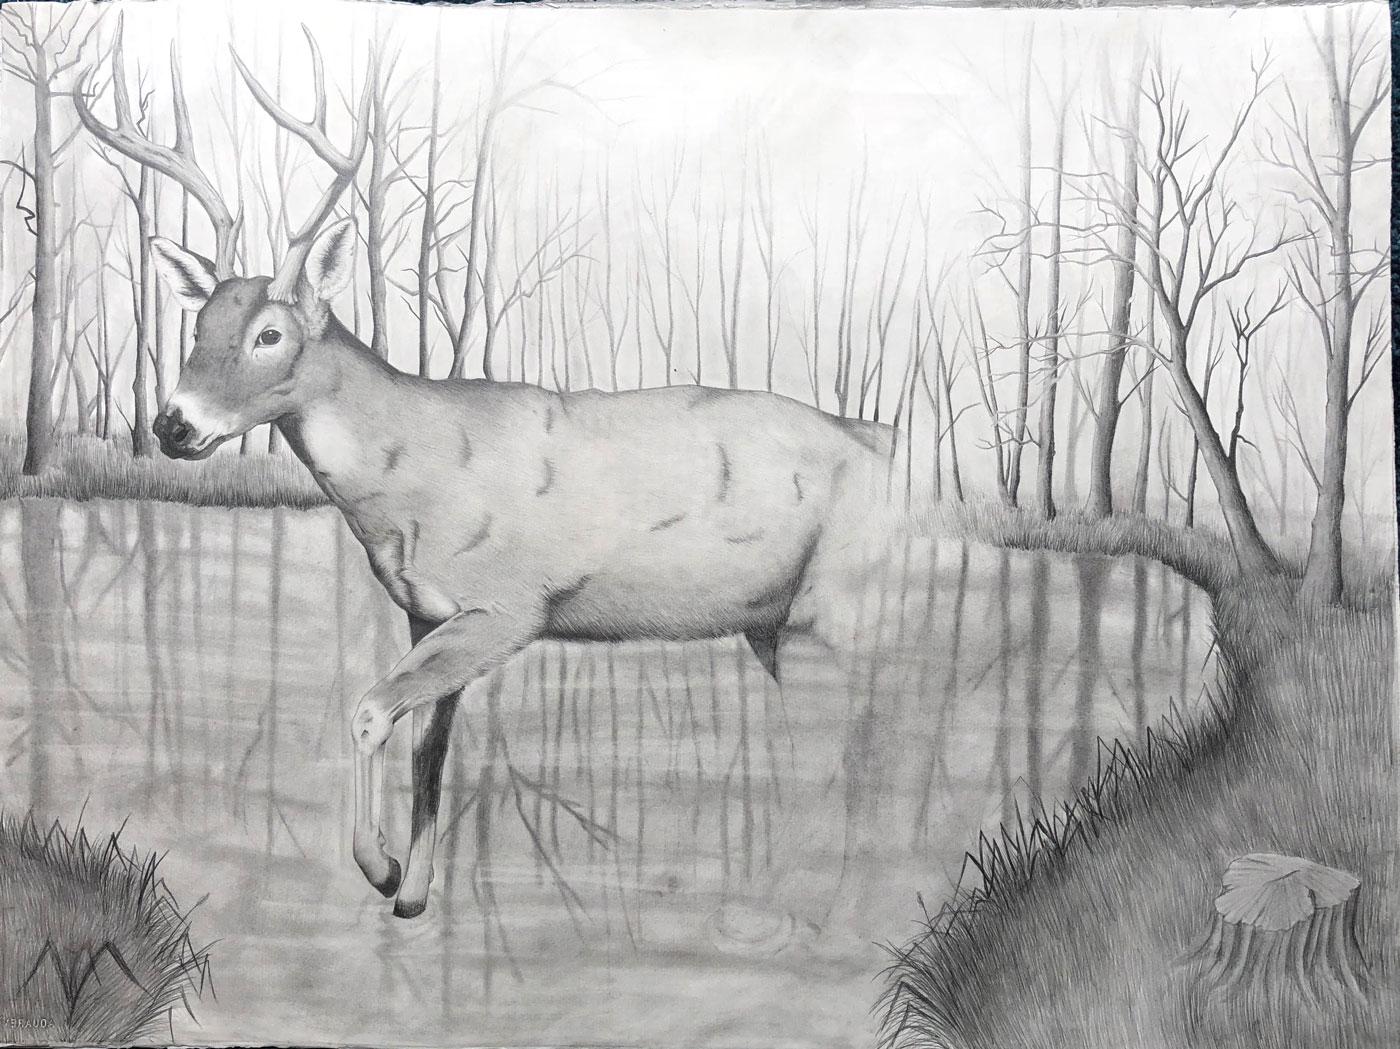 Ethereal Deer